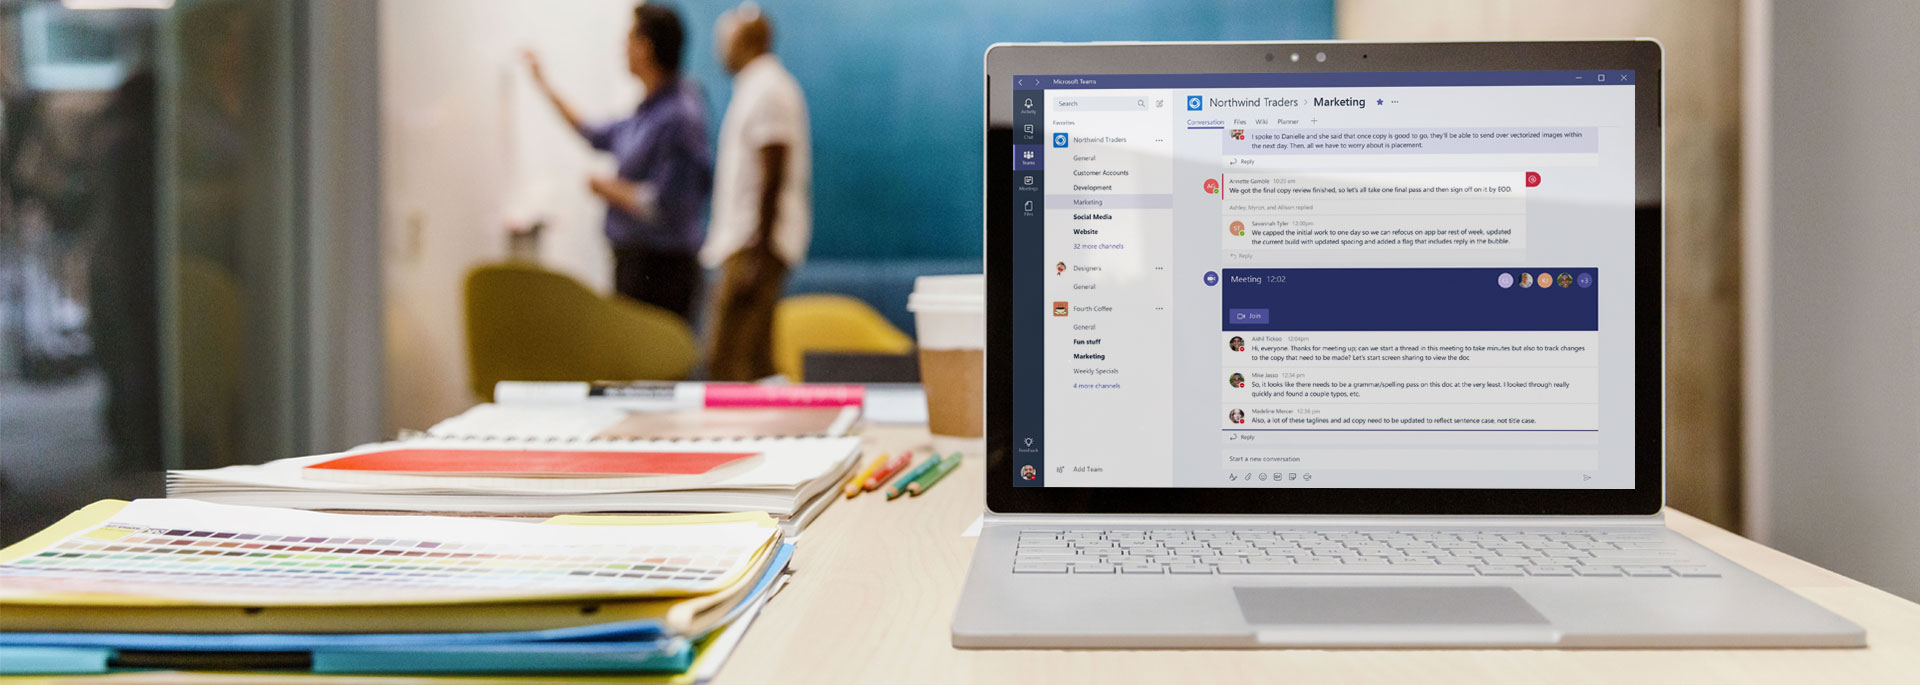 Tablet zobrazujúci chatové konverzácie pracovného priestoru Microsoft Teams